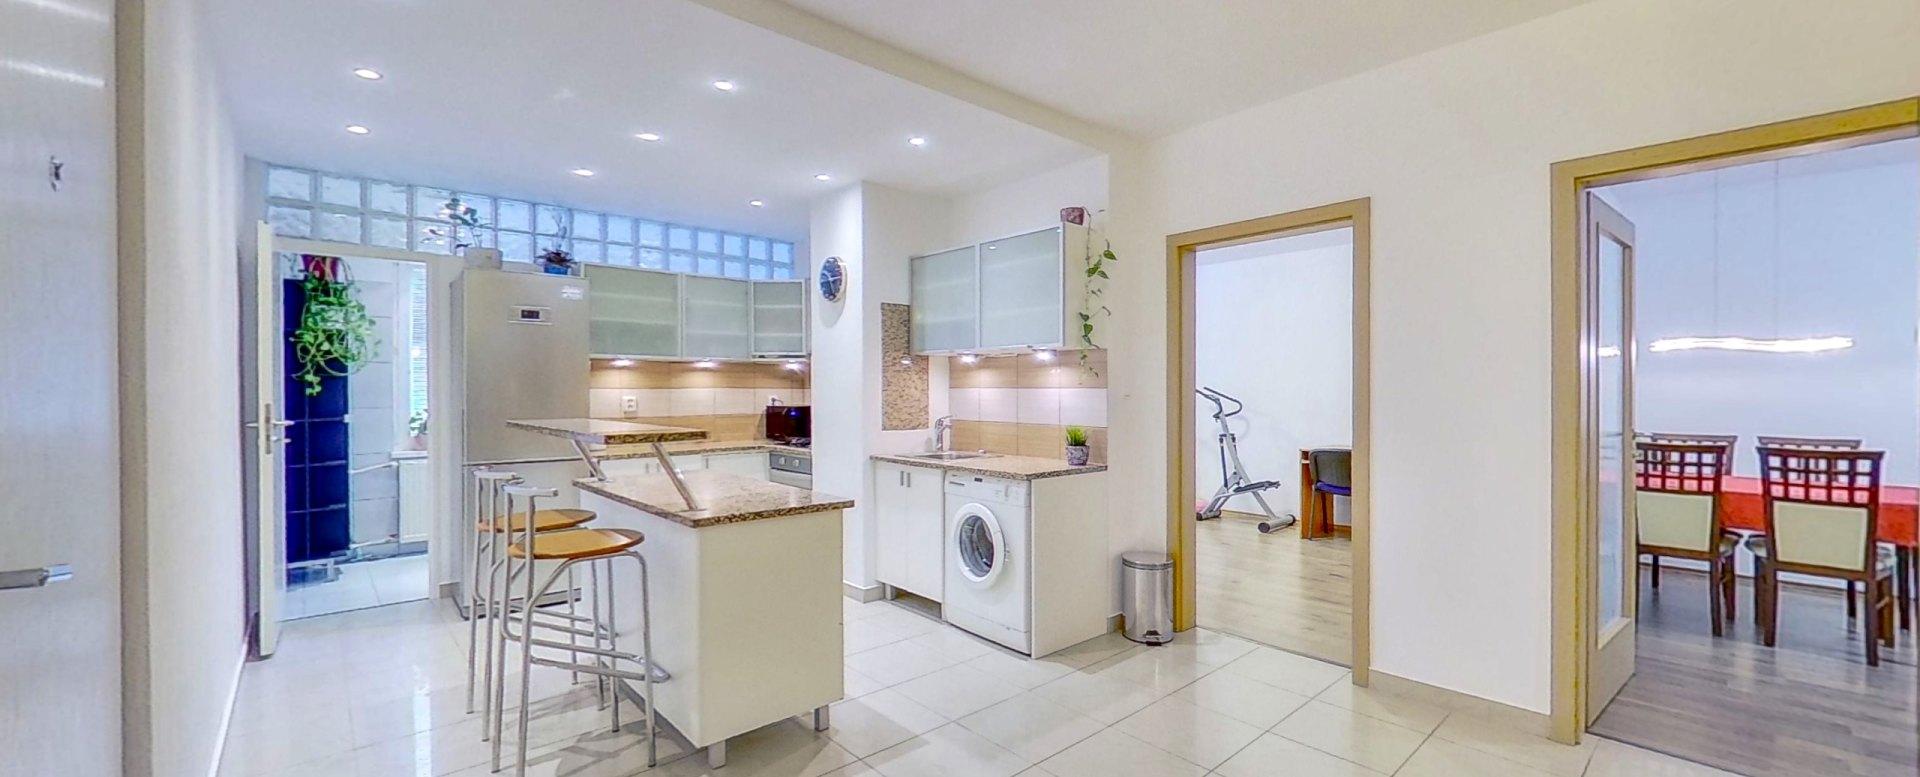 Pohľad na kuchyňu